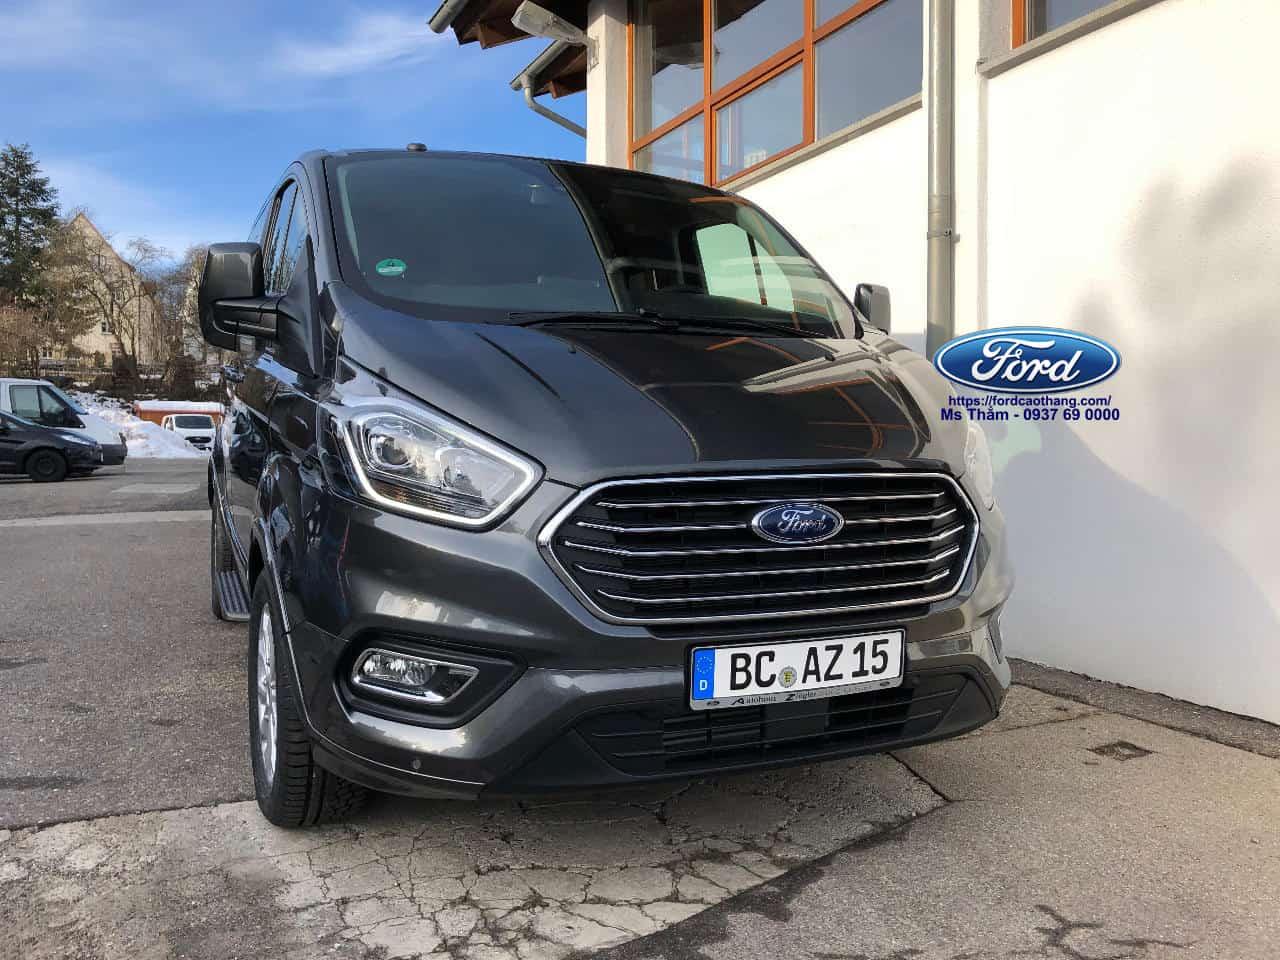 Ford Tourneo 2019 giá bao nhiêu